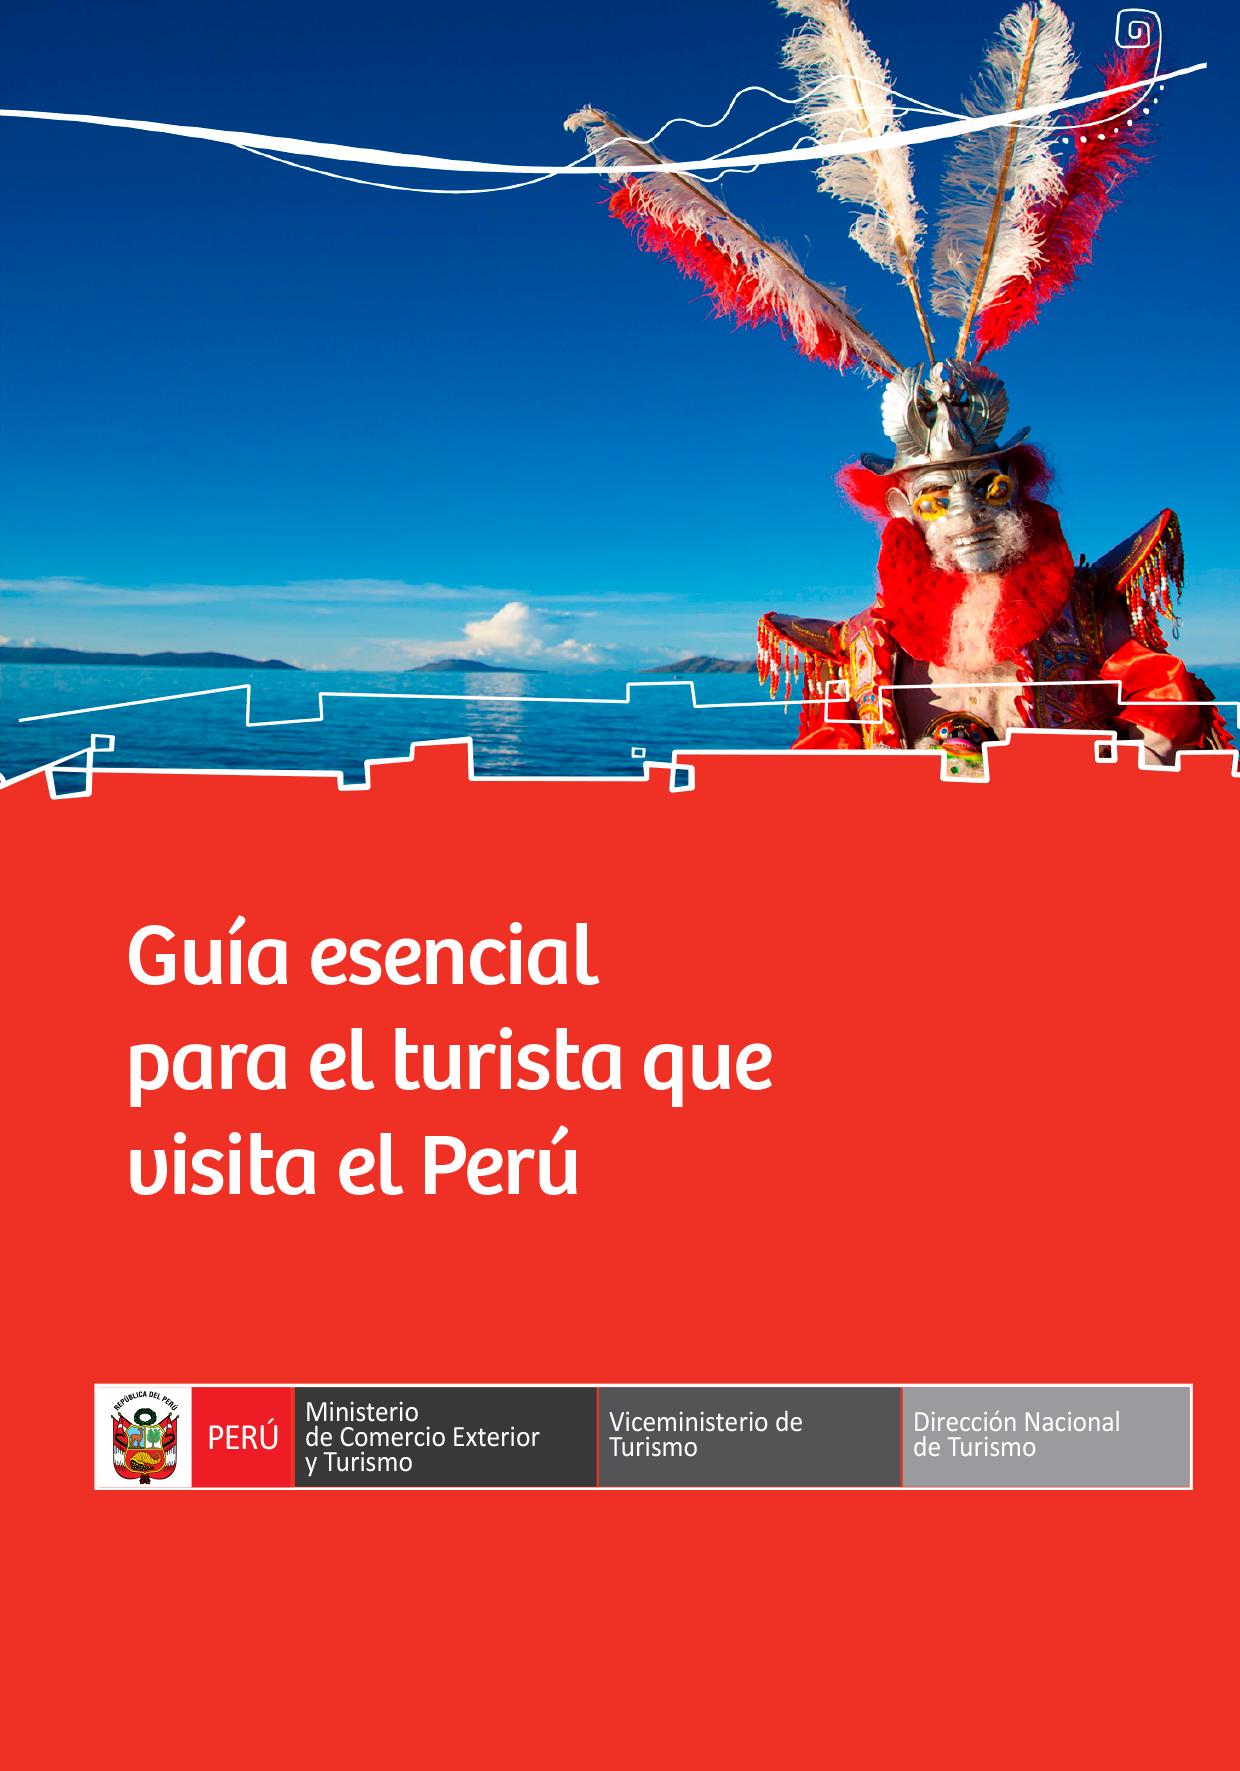 guia_espanol-1